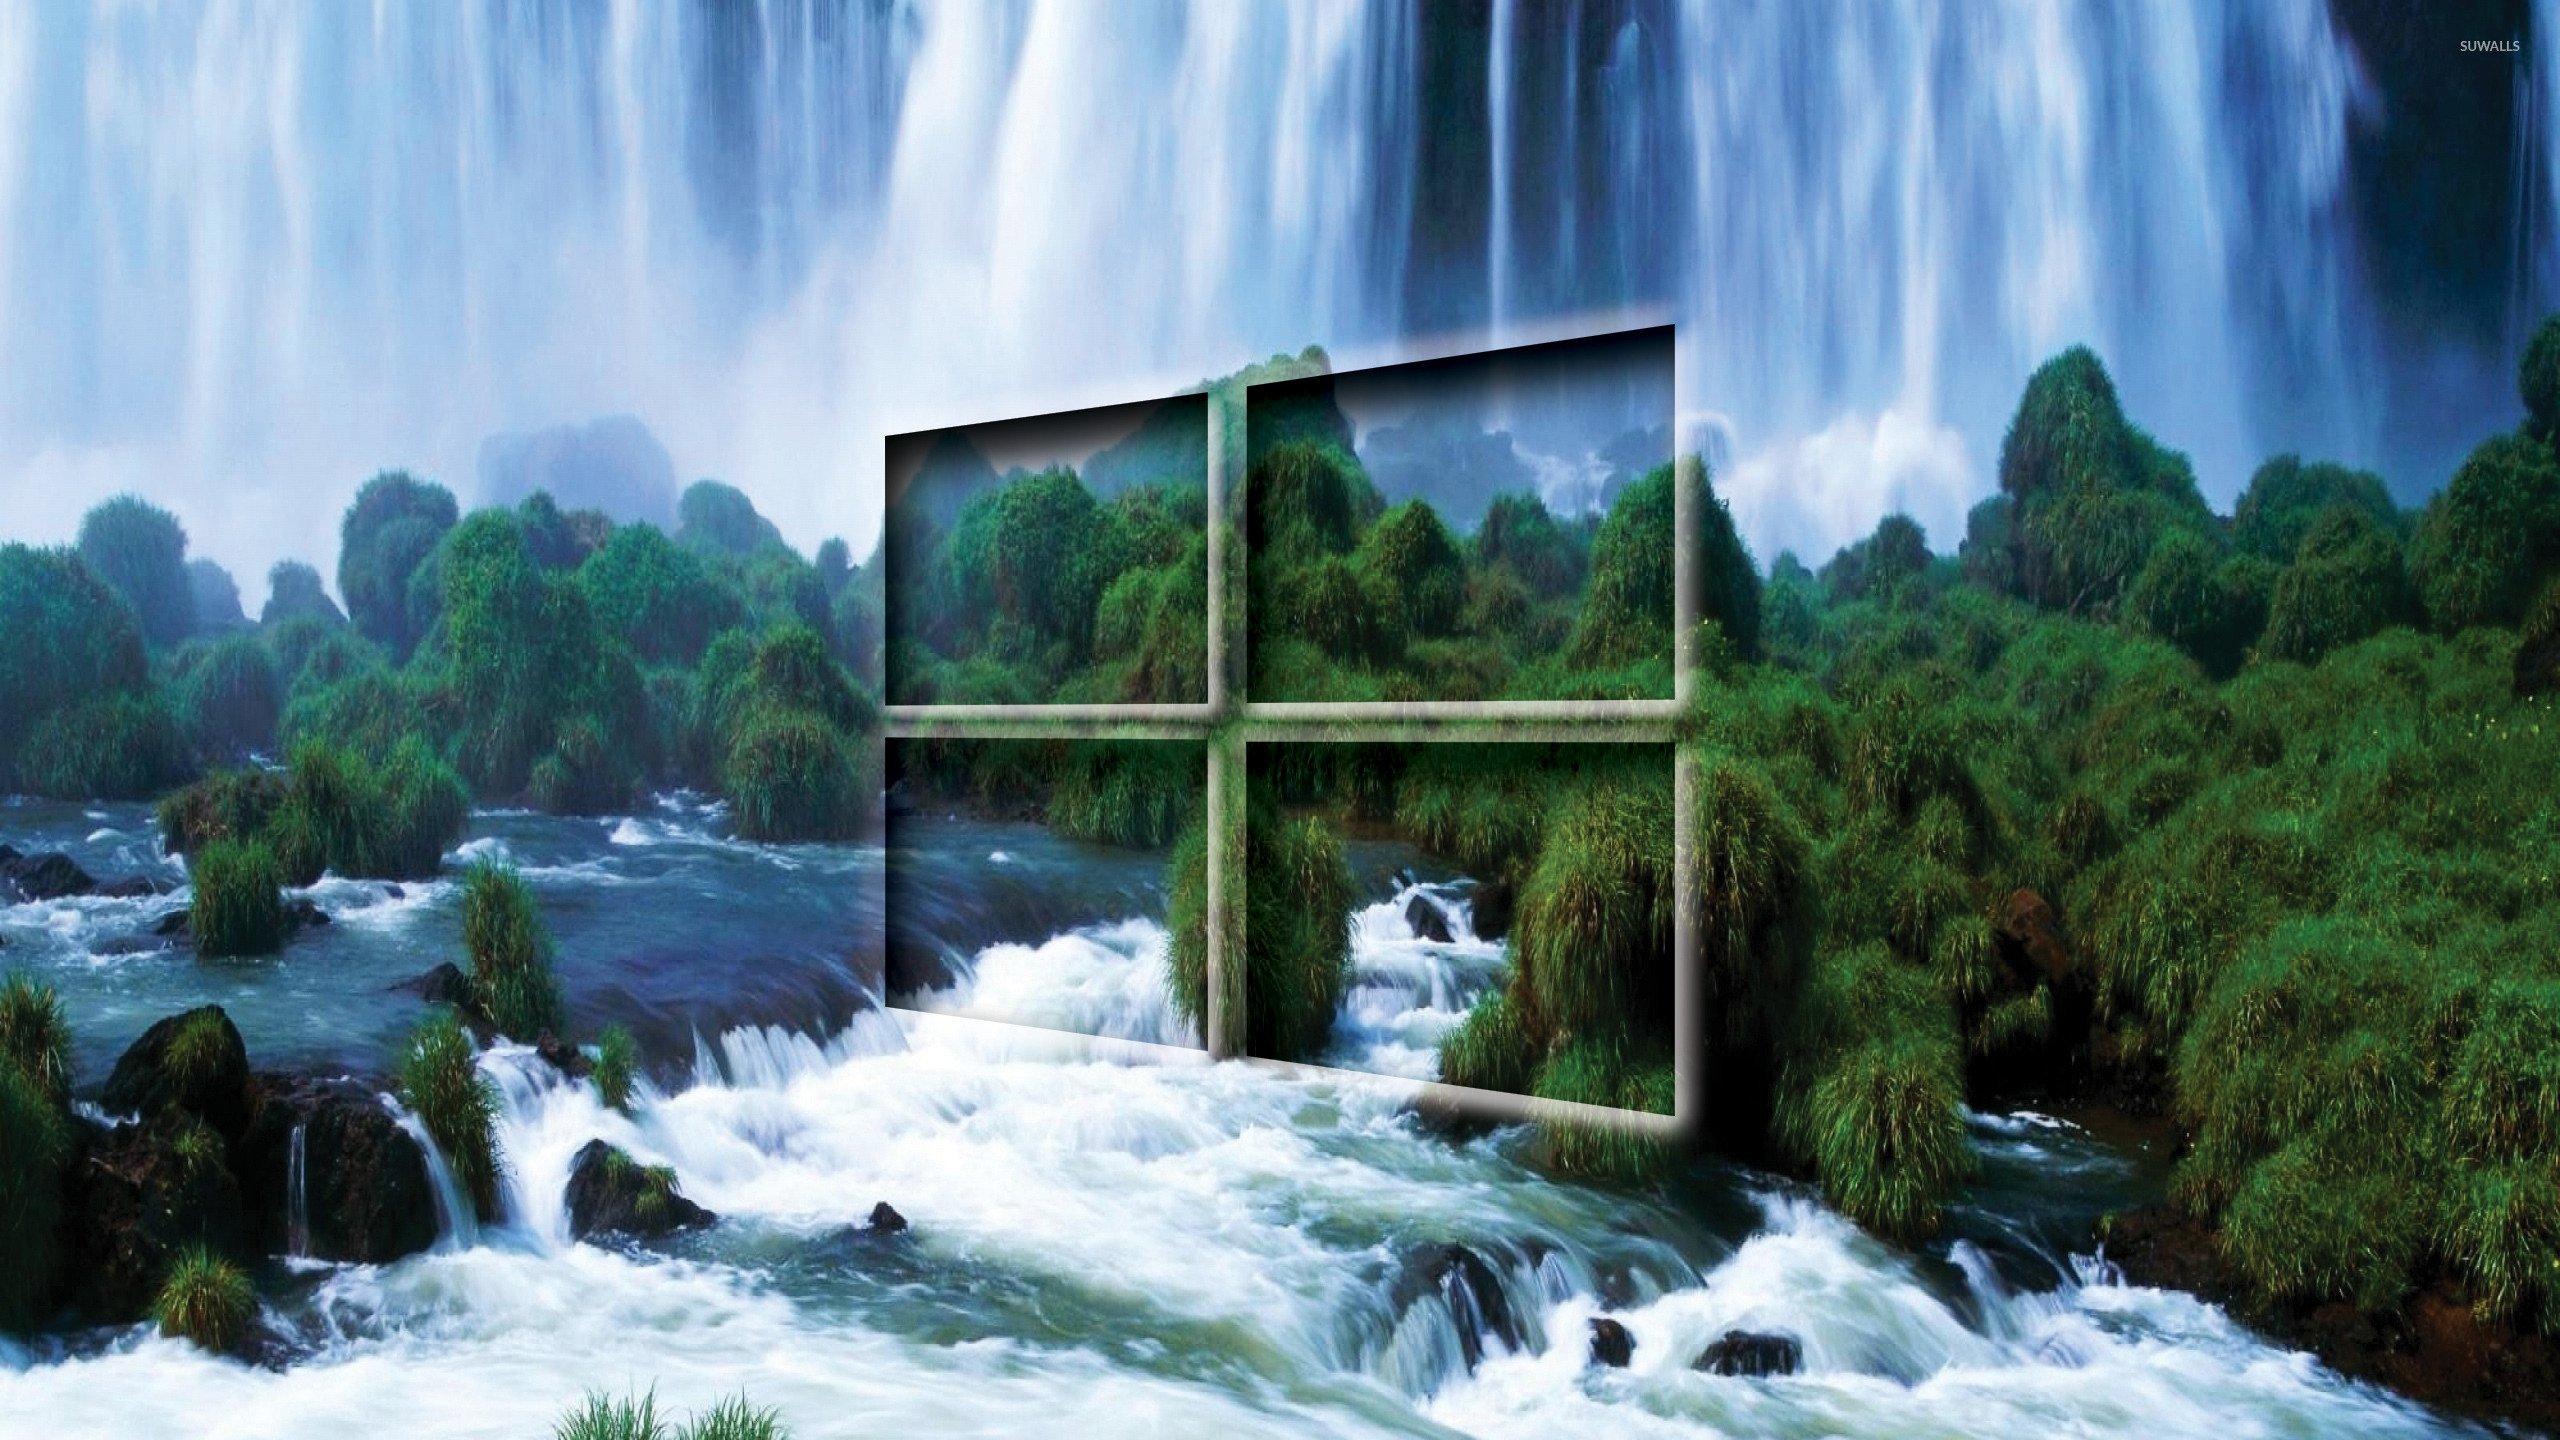 Windows 10 wallpaper 2560x1440 2560x1440